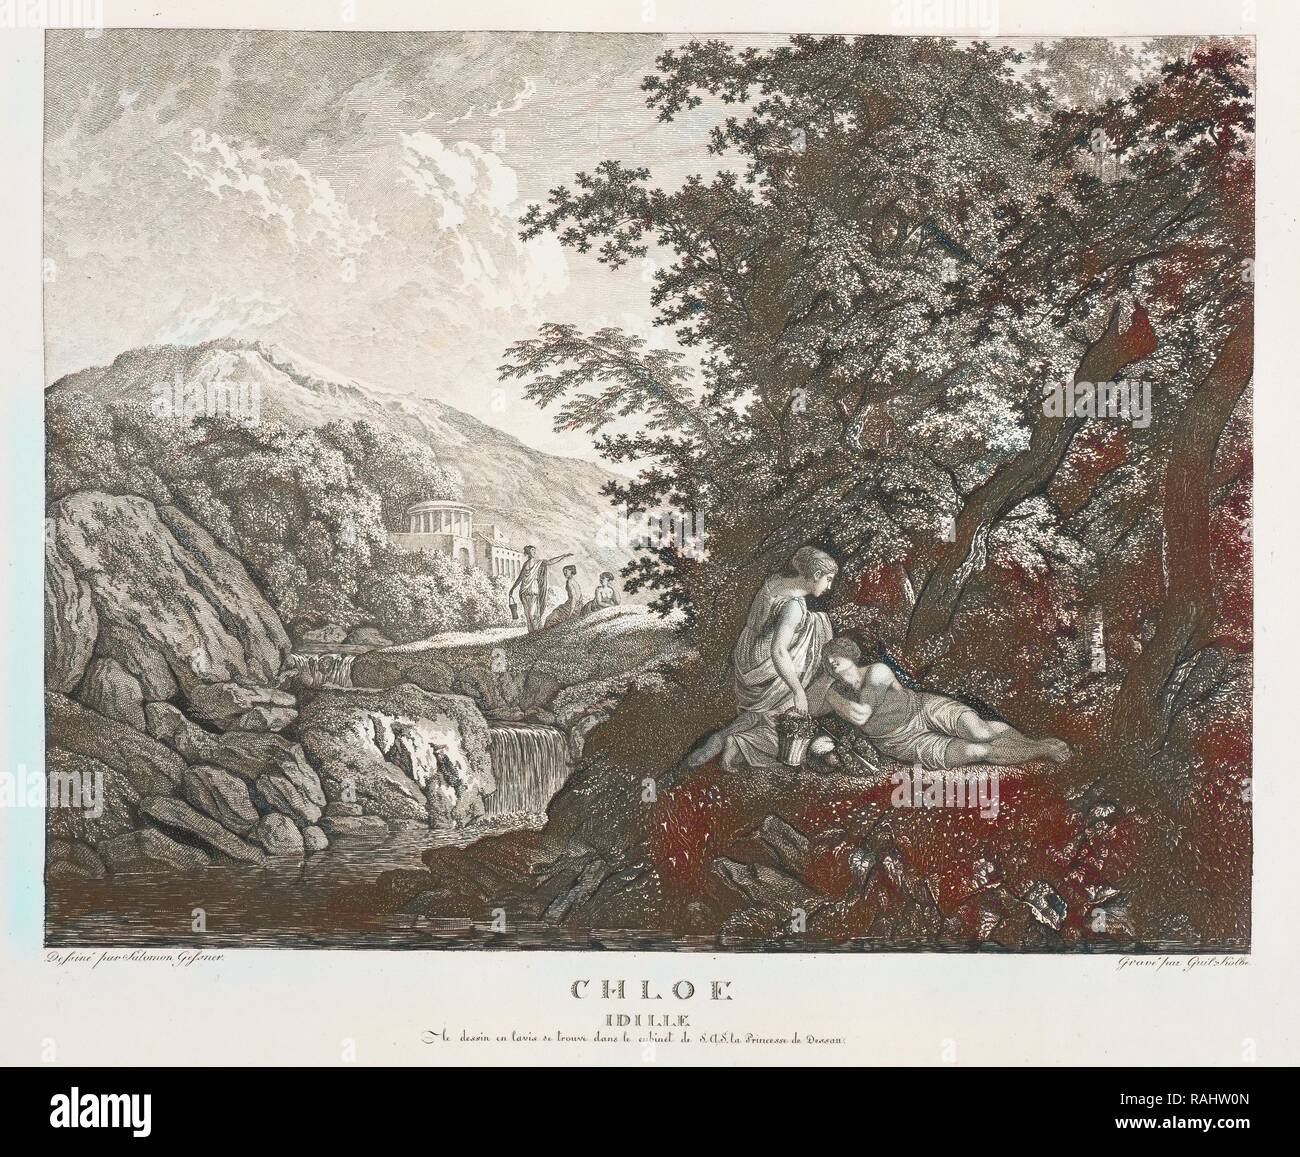 Chloe Idille, Colección des tableaux en gouache et des Dessins de Salomon Gessner, Gessner, Salomon, 1730-1788 reinventado Foto de stock